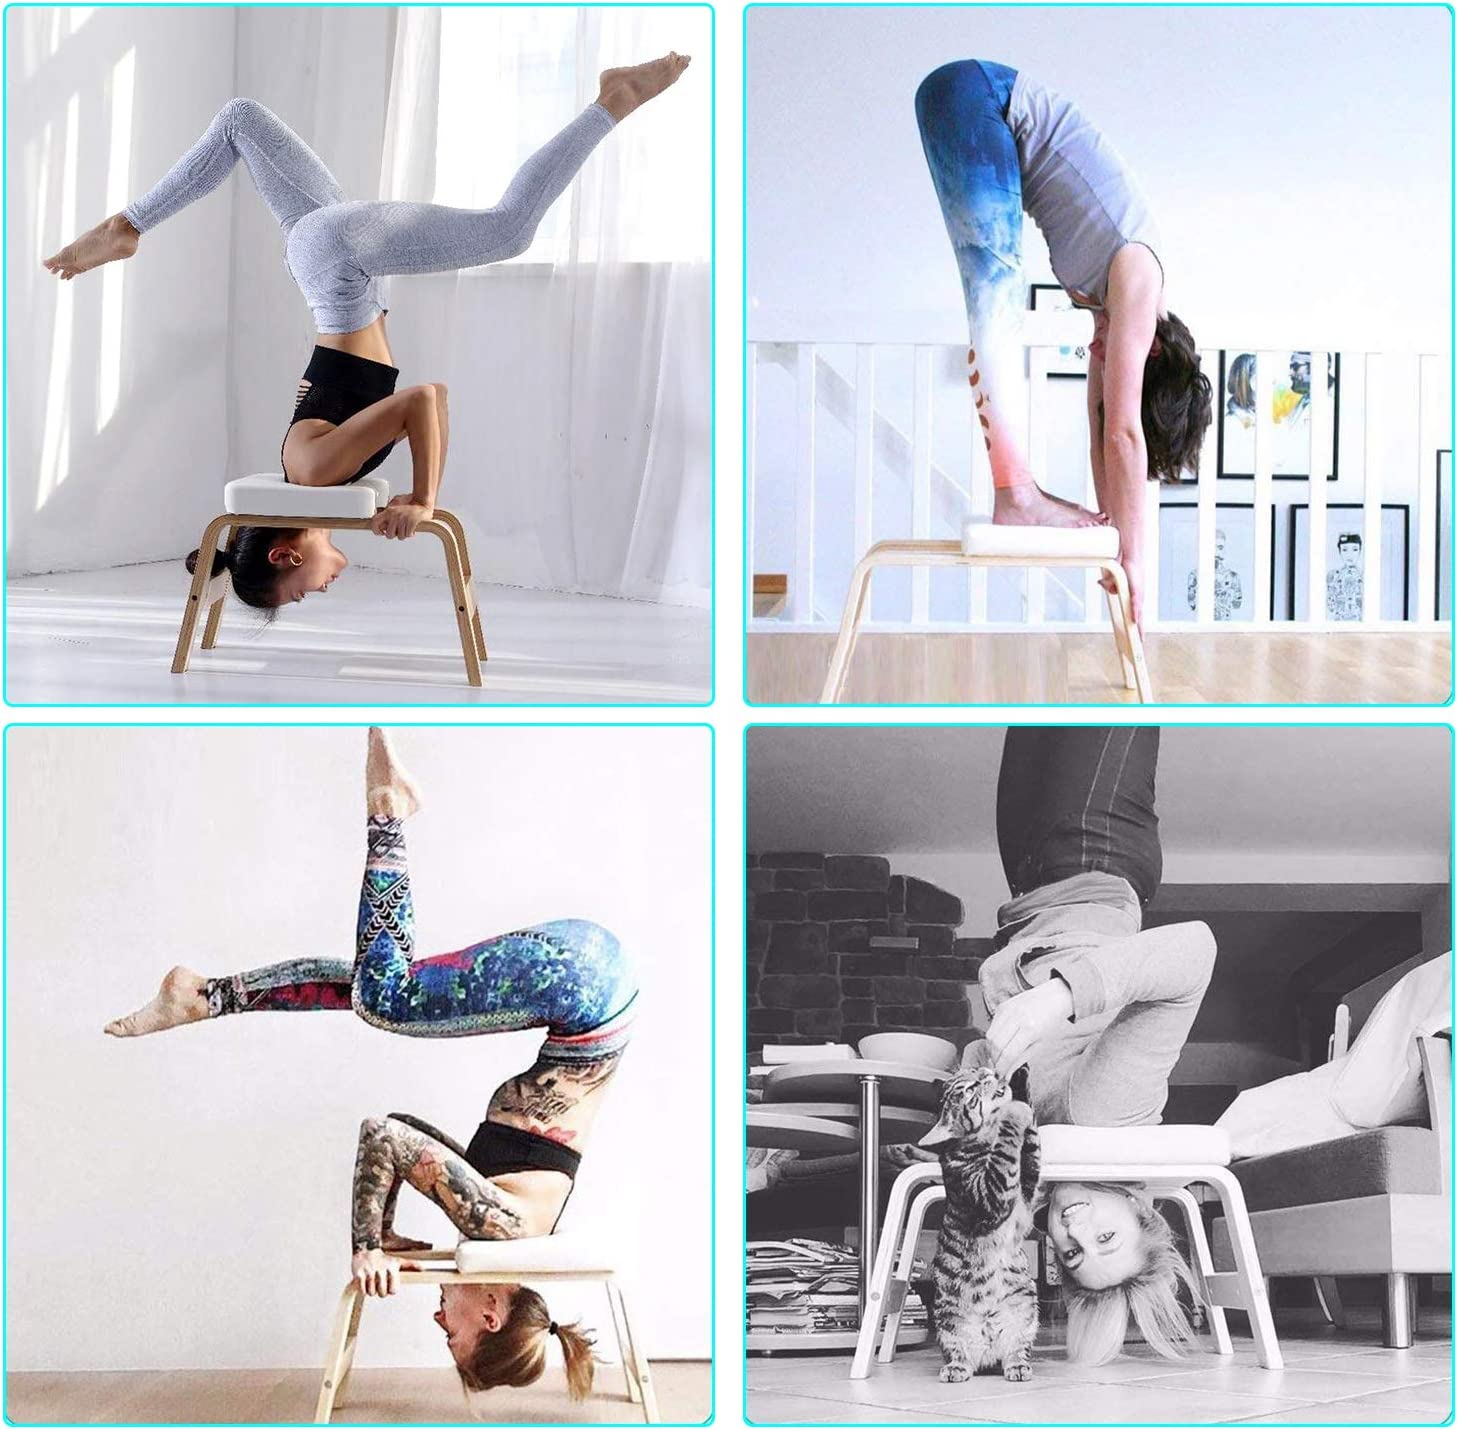 Amazon.com: Desire Life - Banco de yoga con reposacabezas ...